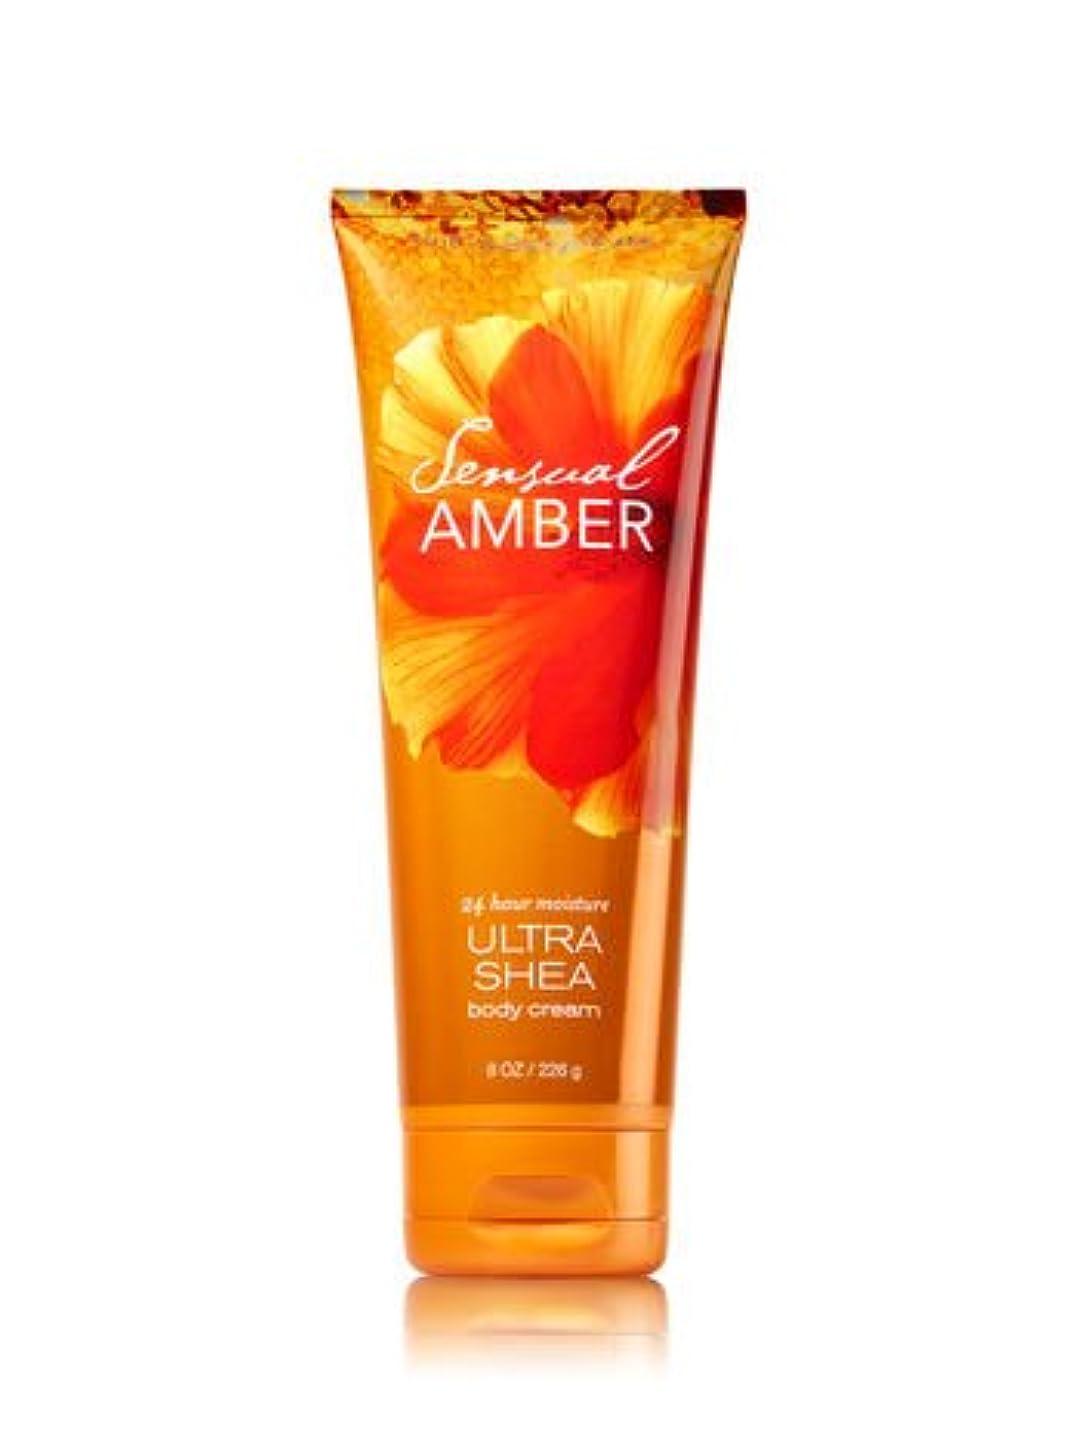 メドレー地震欲望Bath & Body Works バスアンドボディワークス ボディクリーム 並行輸入 (Sensual Amber)